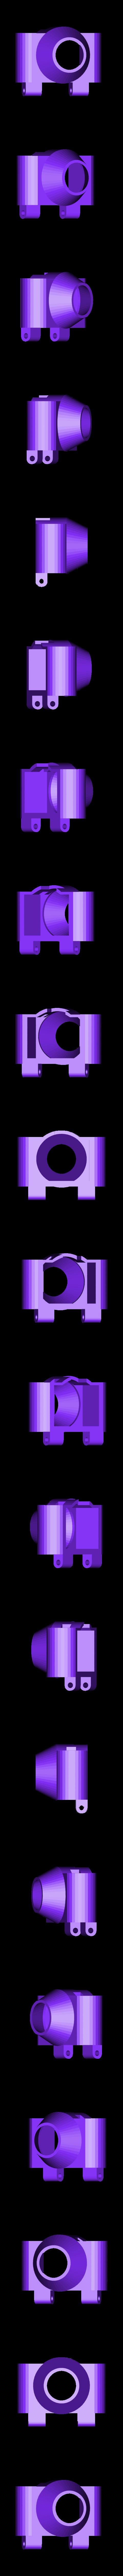 Protection pod Camera tx03 for 1,75mm.stl Descargar archivo STL gratis Protección de la cámara FPV TPU Eachine TX01 / TX02 / TX03 • Diseño para la impresora 3D, Microdure